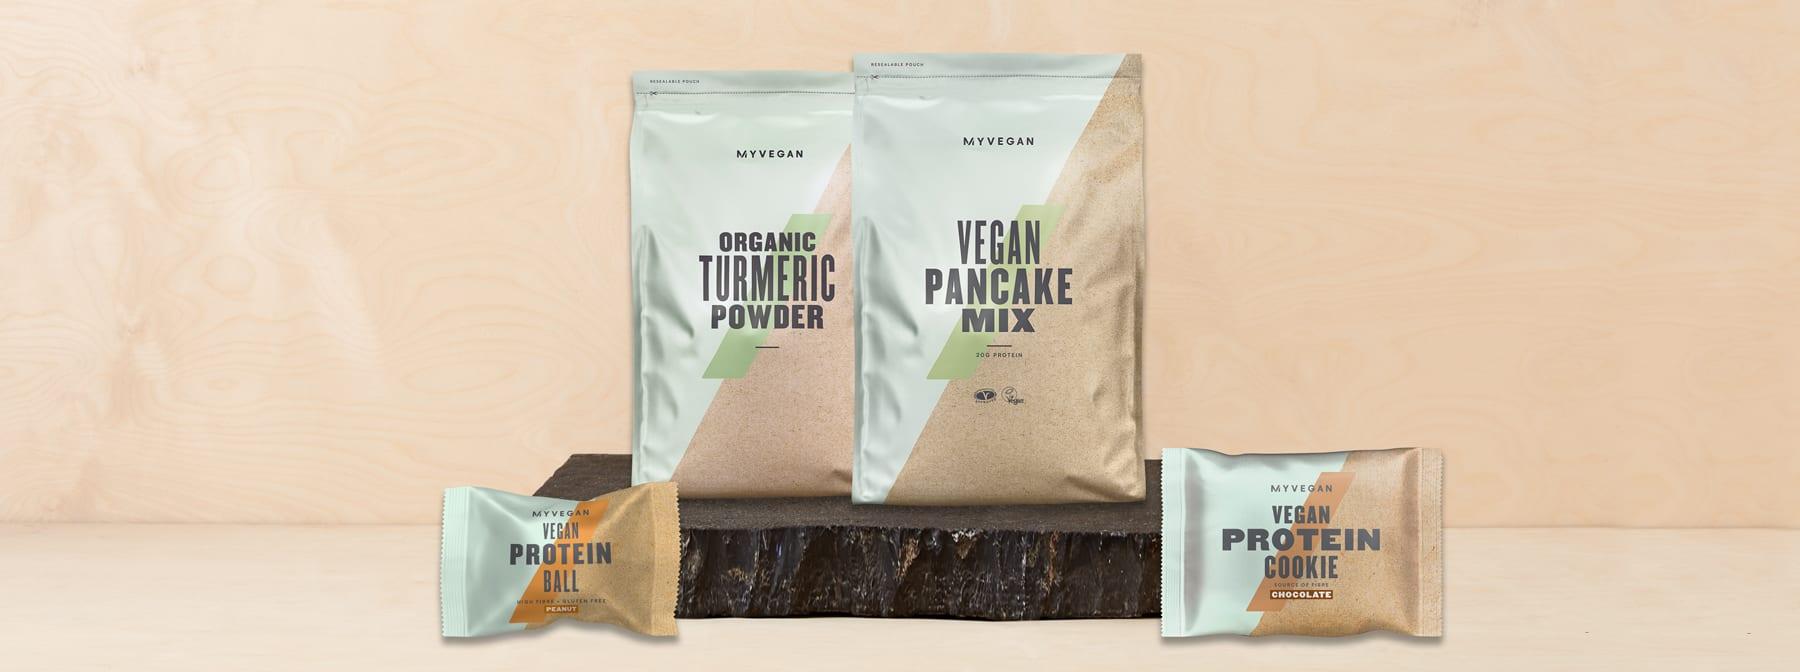 4 νέα vegan συμπληρώματα | Θρέψε Το Σώμα Σου